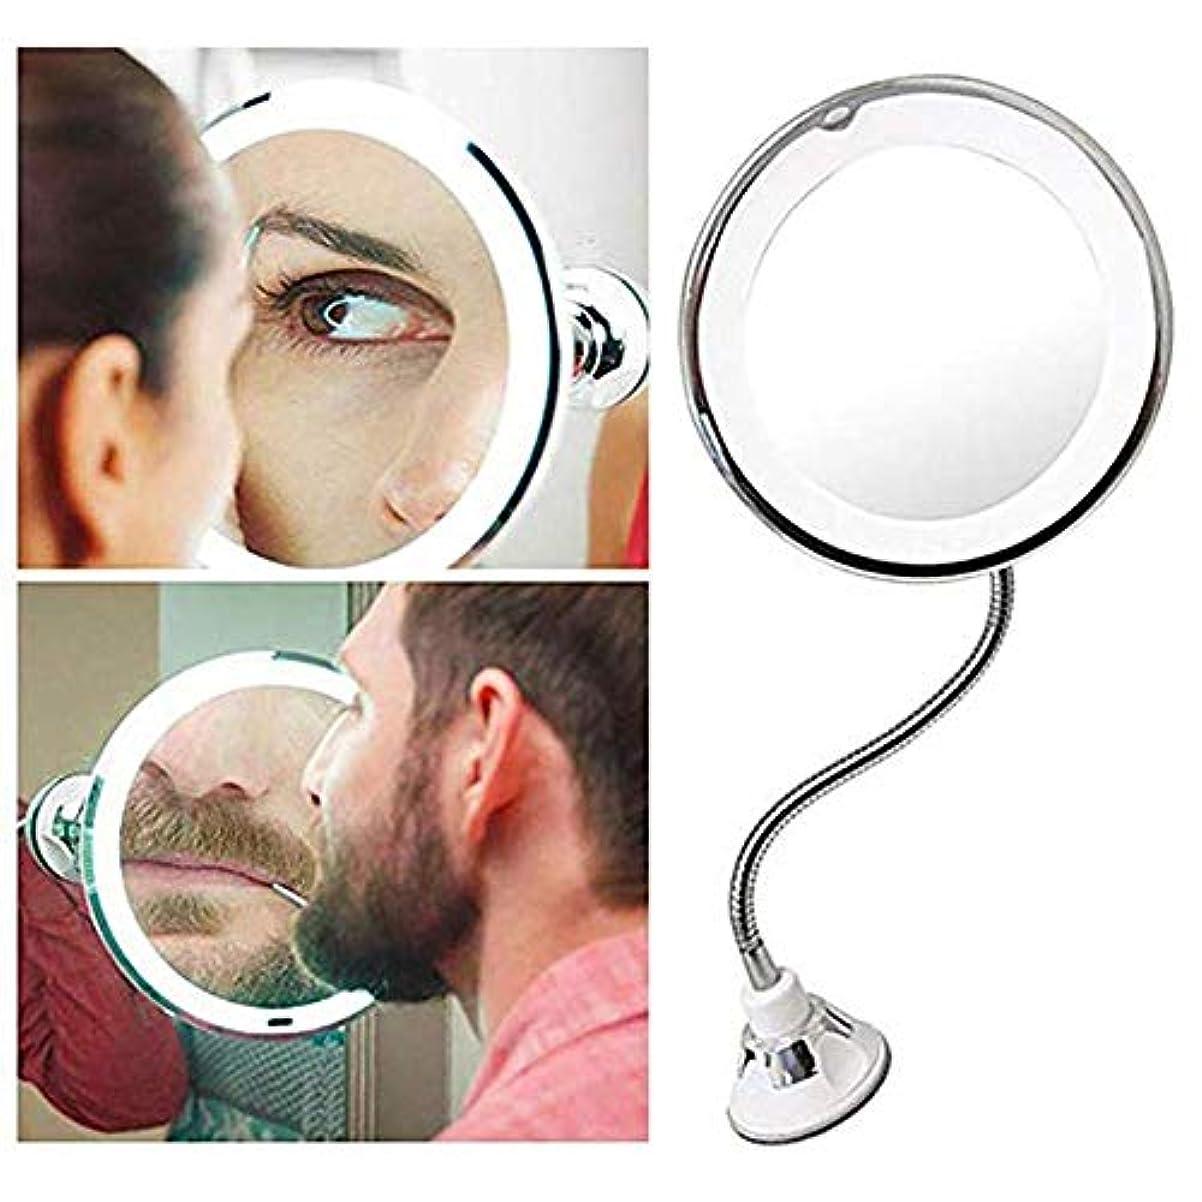 無視できるバストの7倍 LED化粧鏡 風呂鏡 吸盤ロック付き 浴室鏡 化粧ミラー 360度回転 メイクミラー LUERME 吸盤ロック付き 化粧ミラー シャワーミラー 鏡面直径17CM